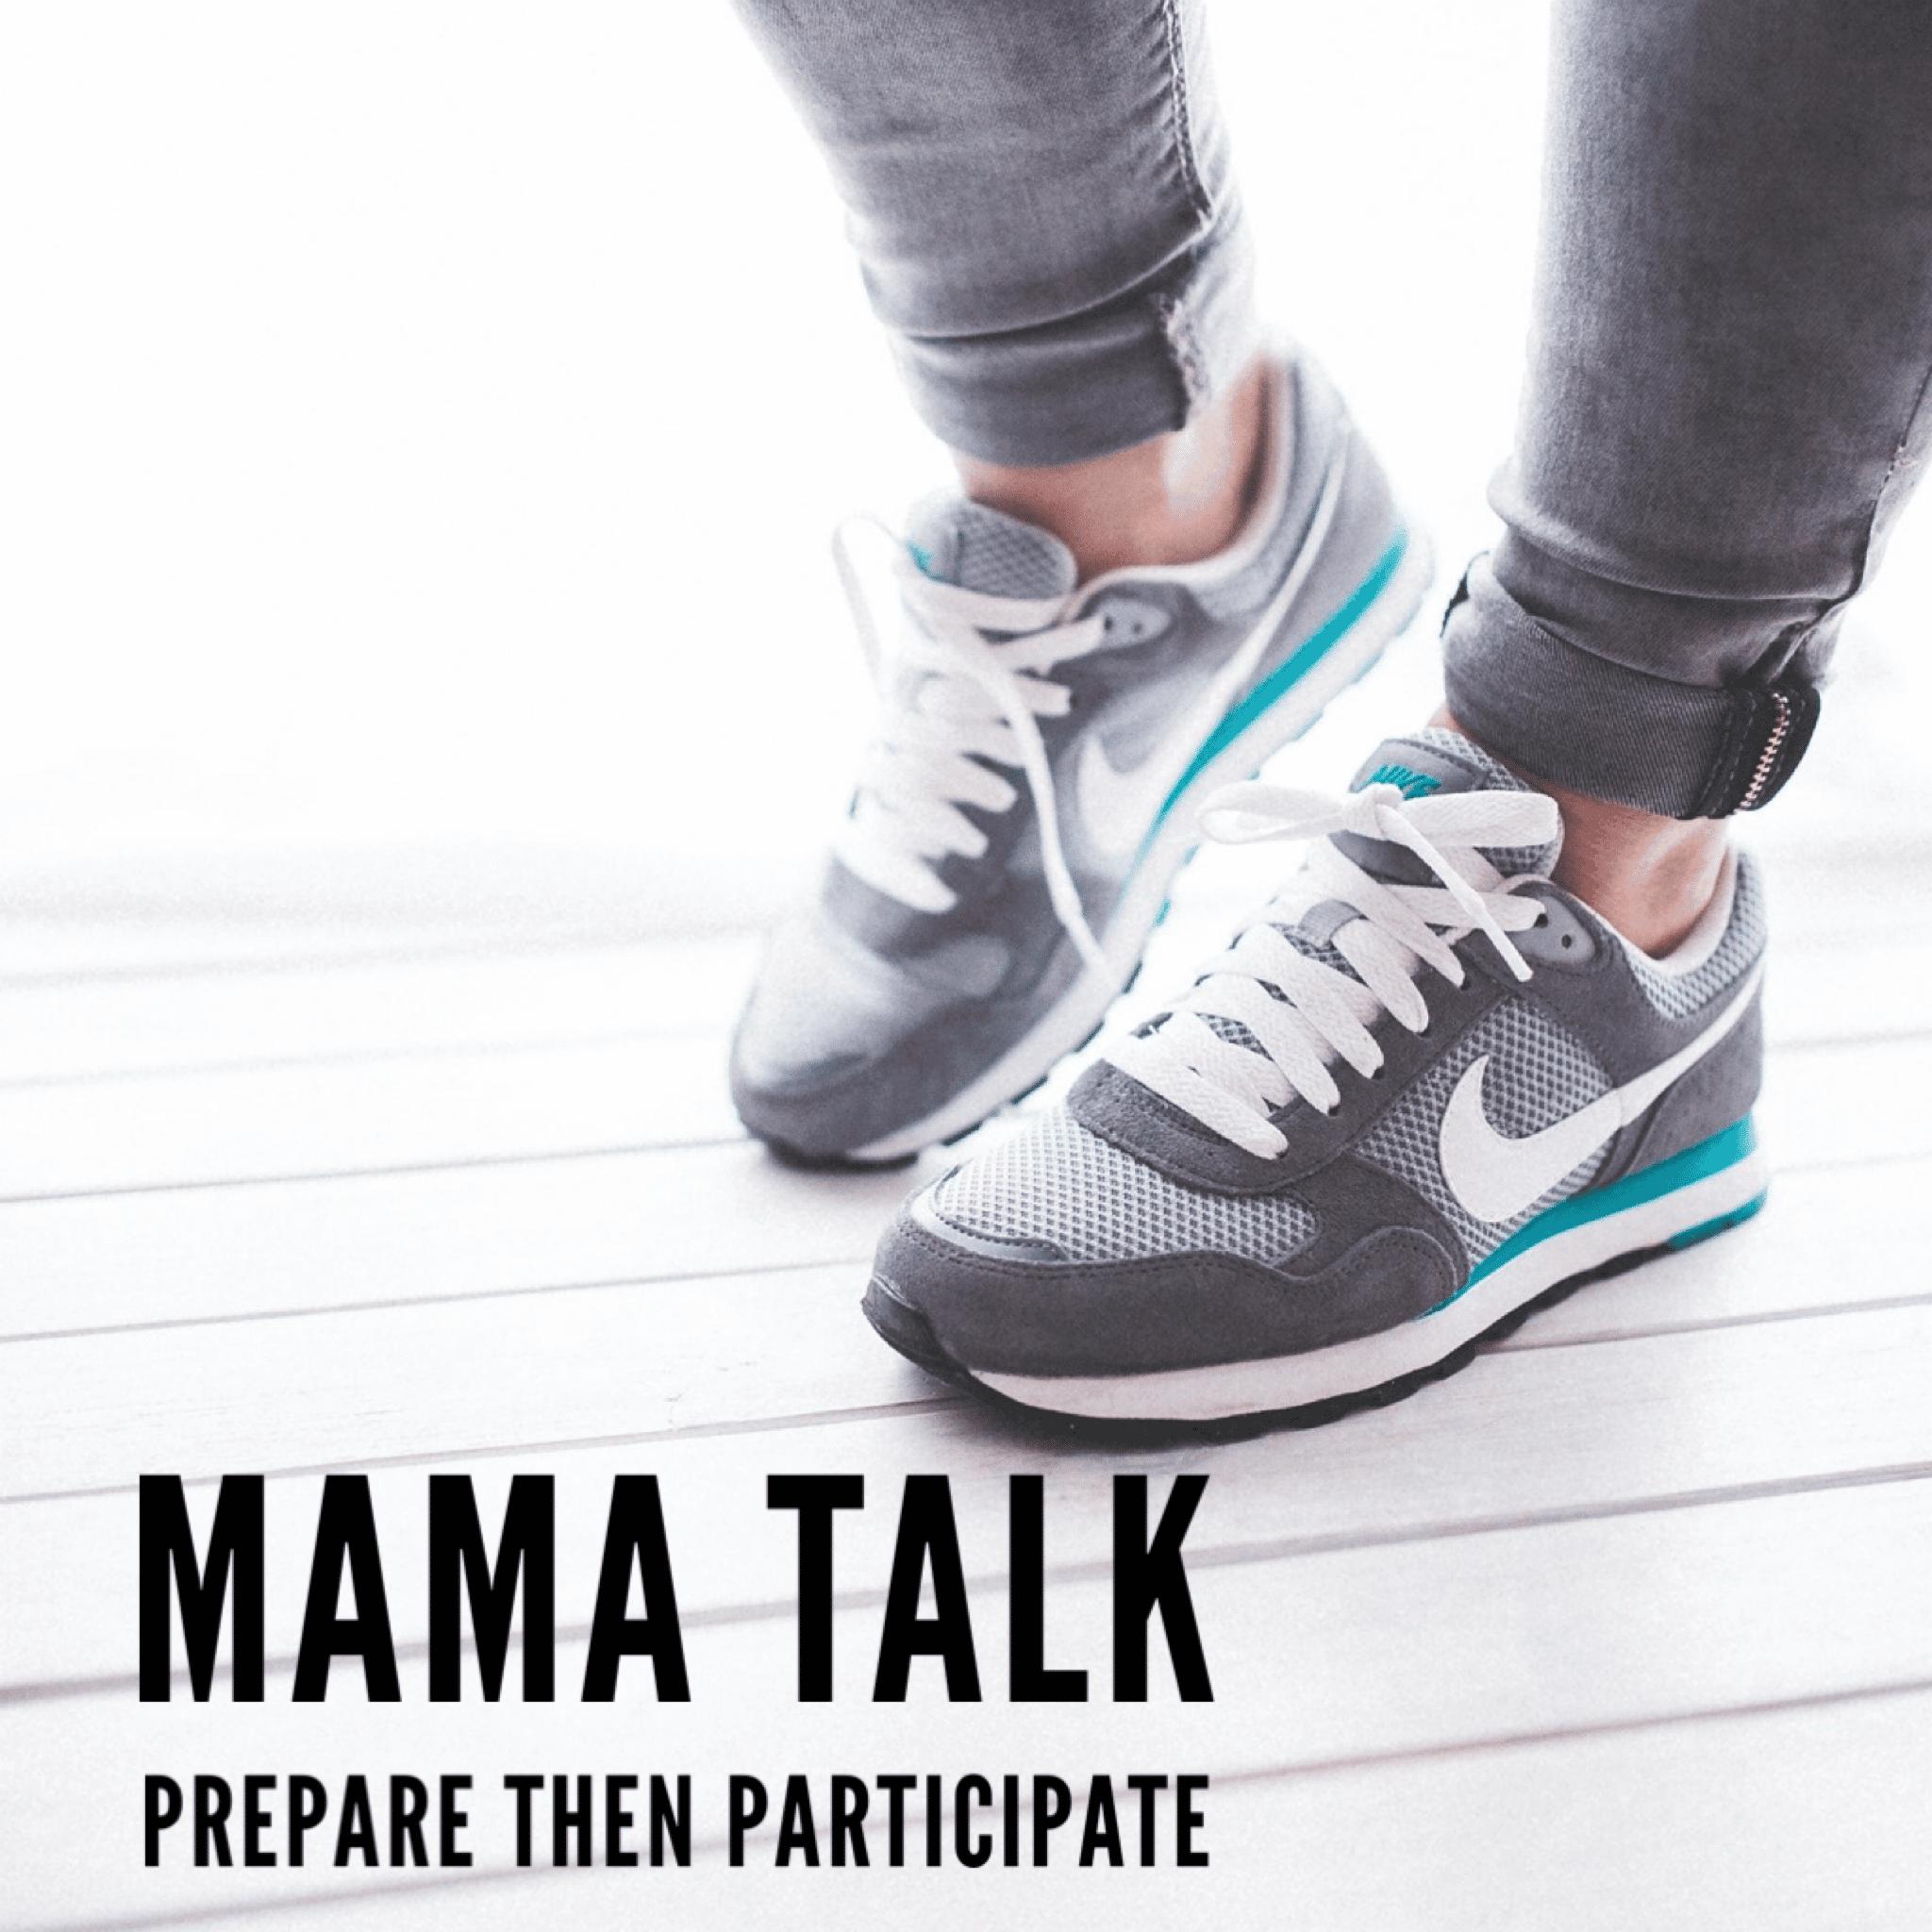 Prepare Then Participate